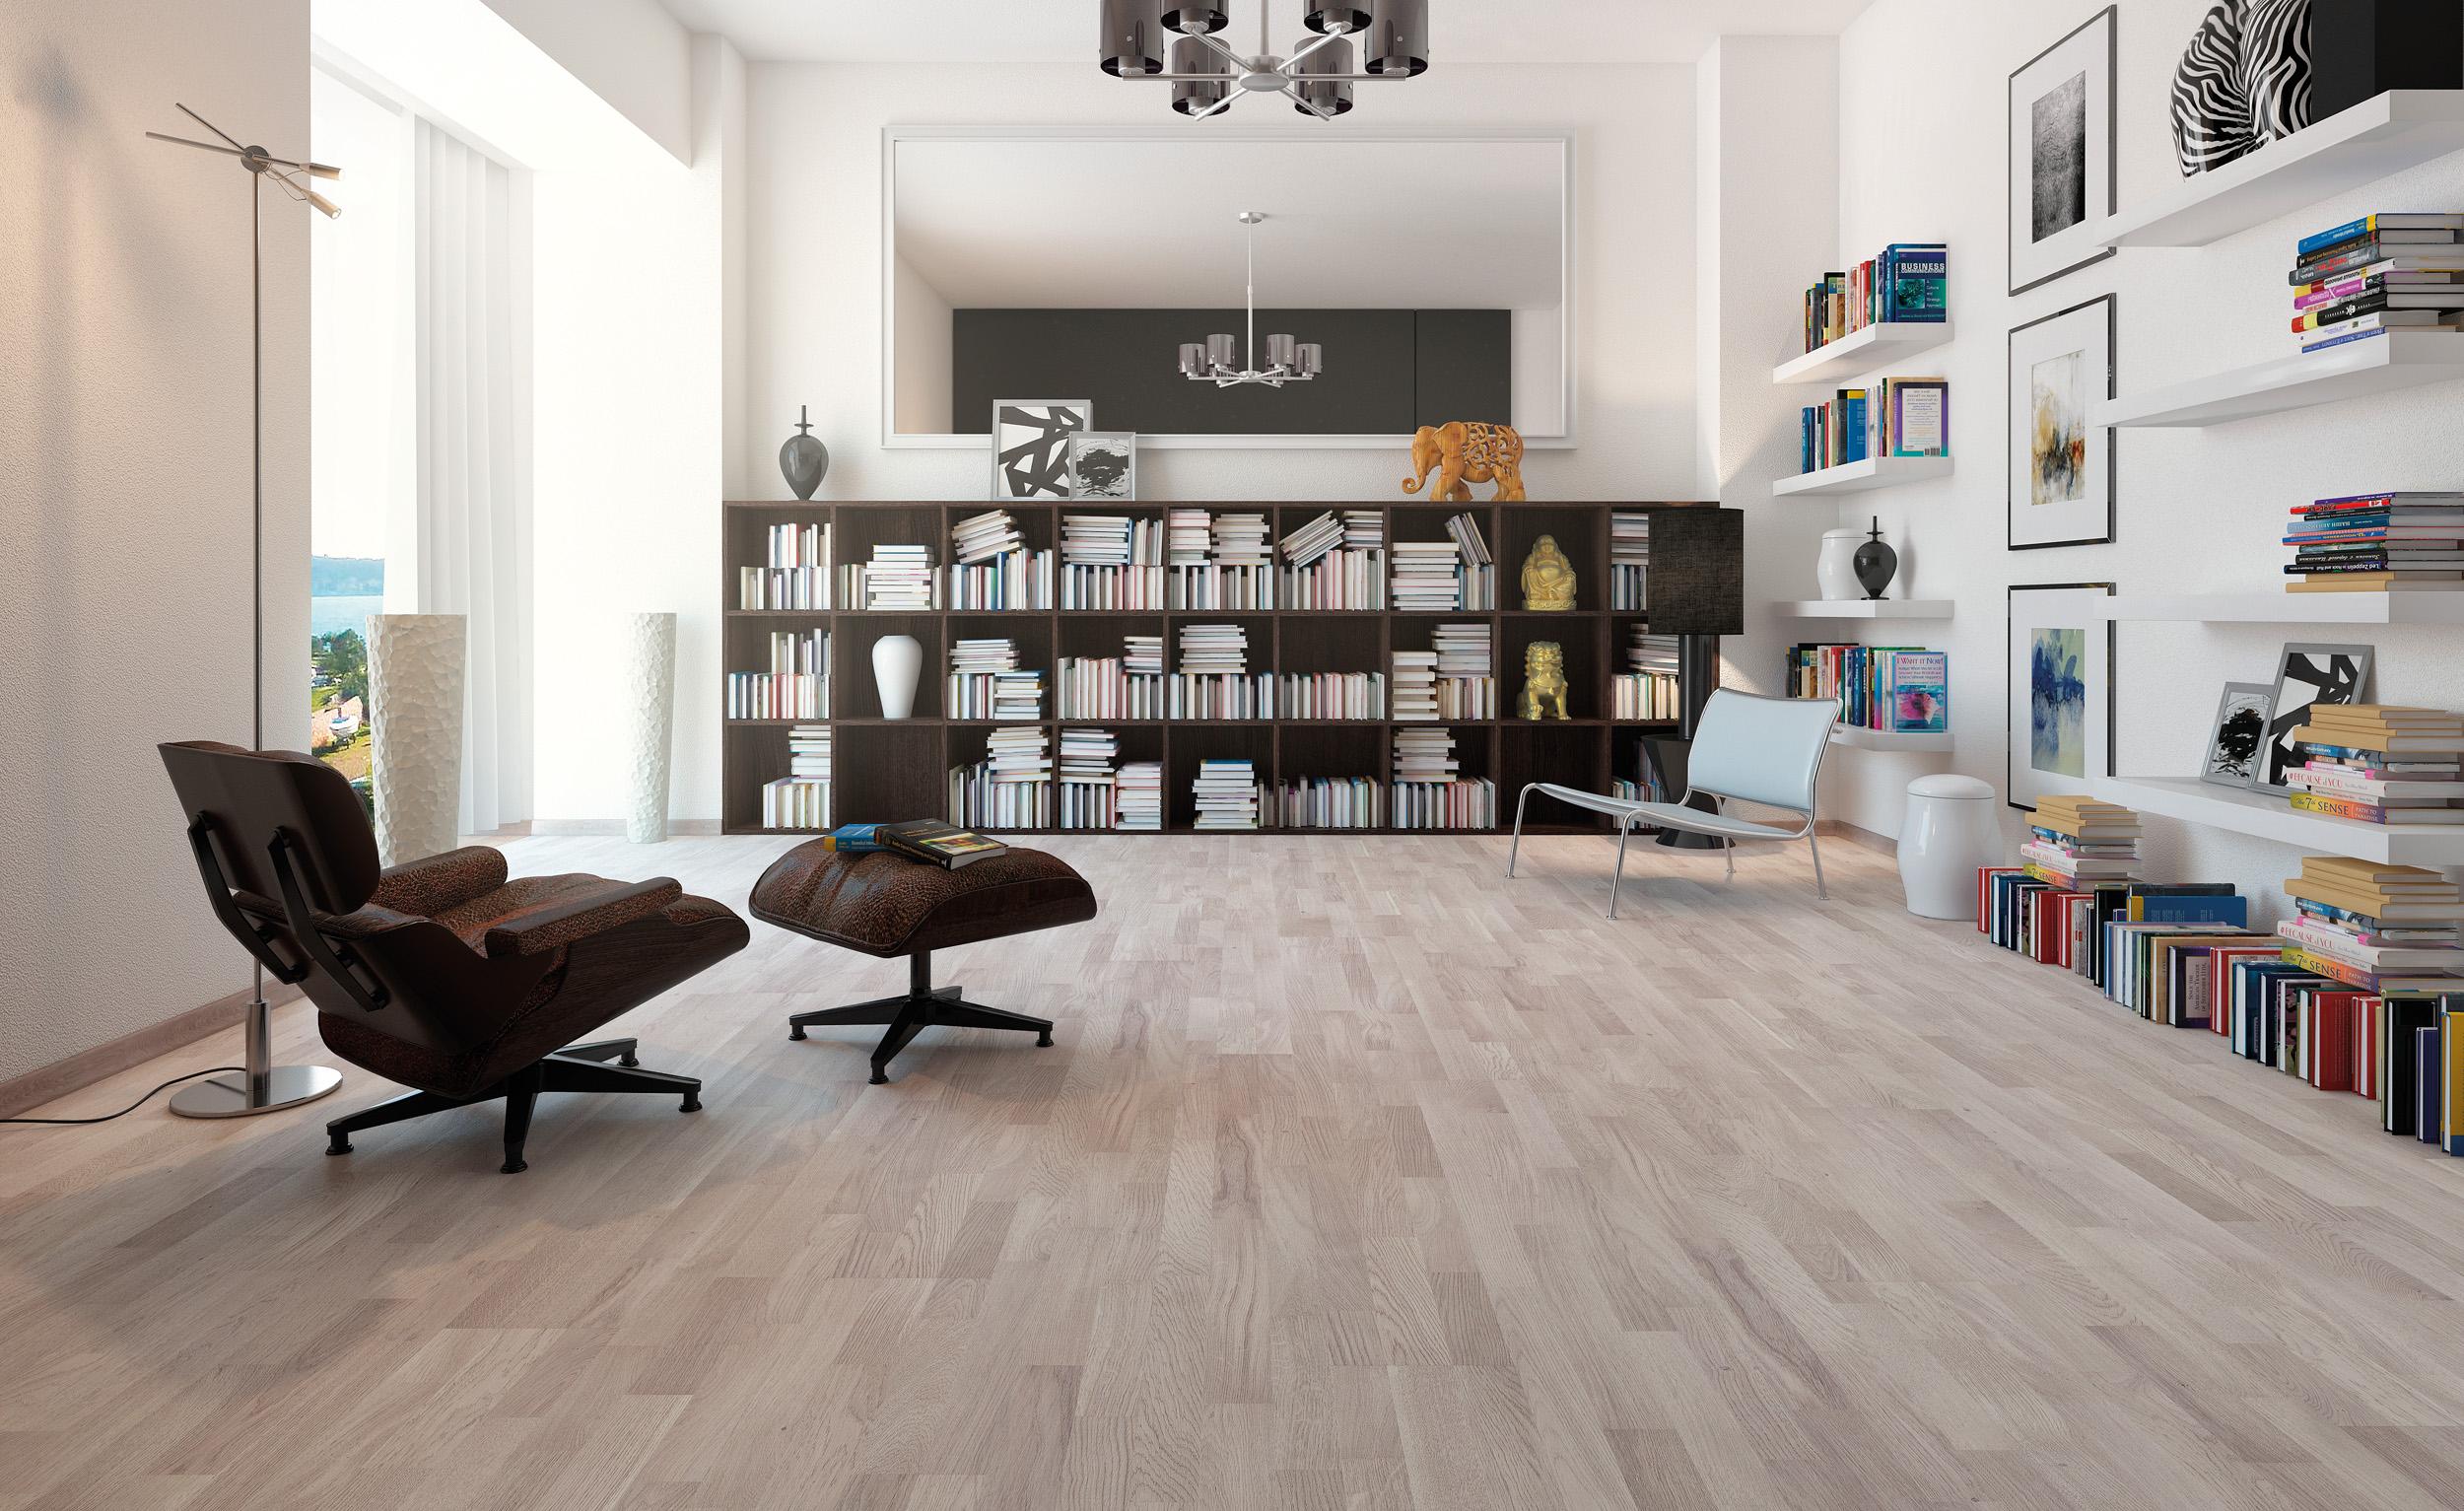 seite 3 mattlack parkett online kaufen daedelow parkett. Black Bedroom Furniture Sets. Home Design Ideas